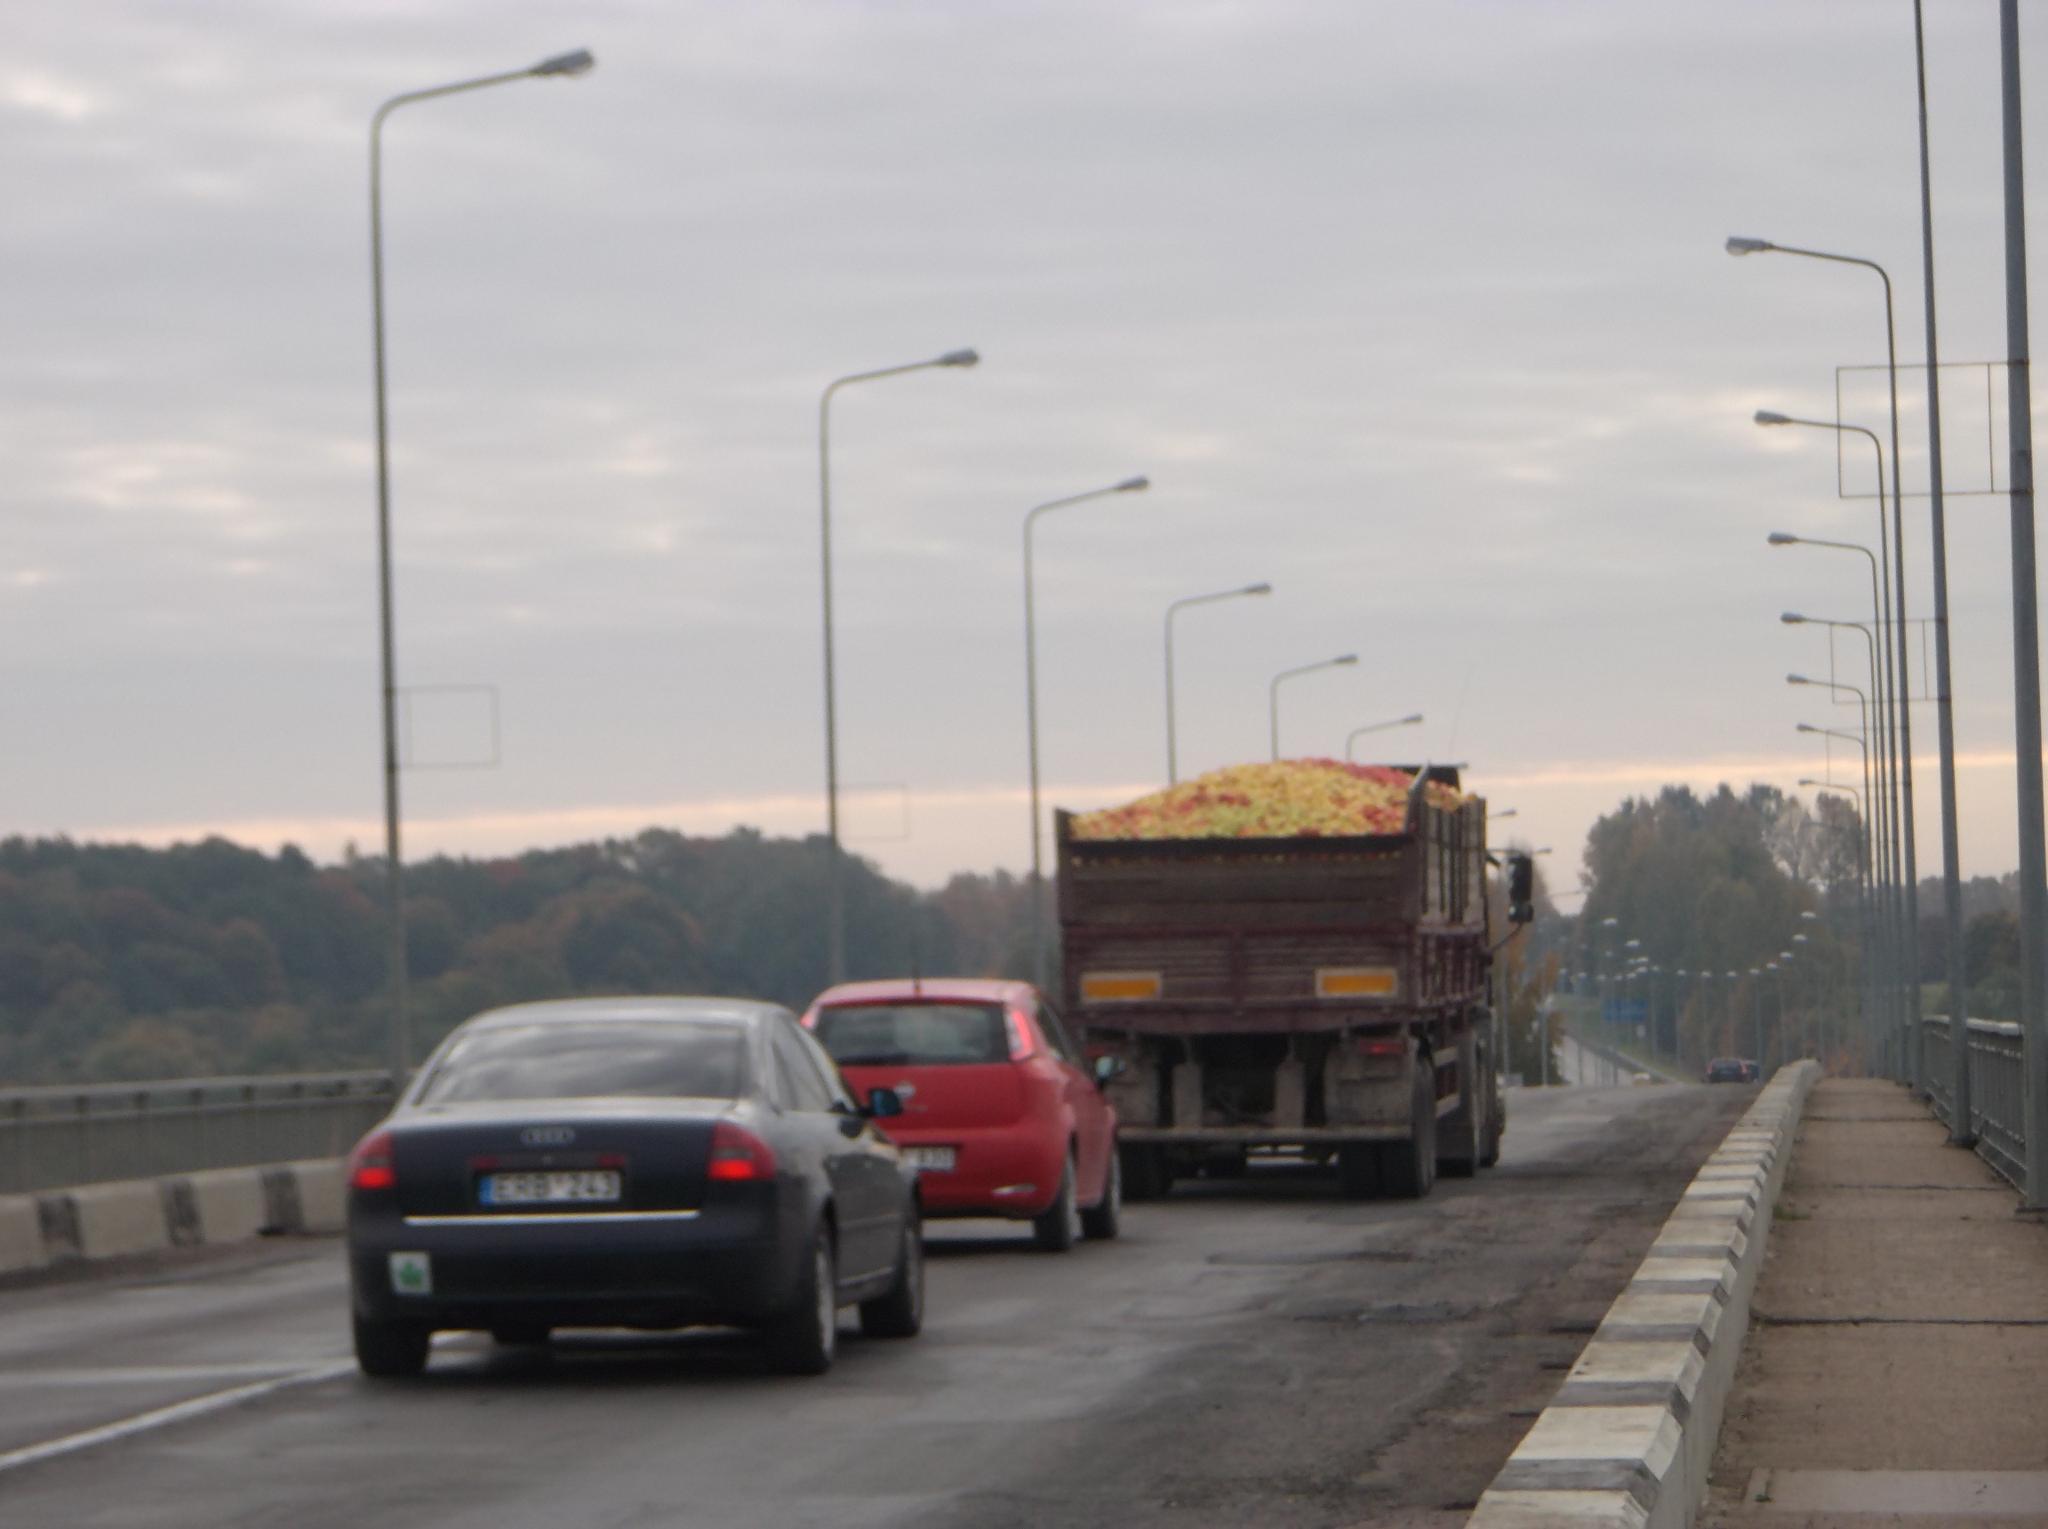 On the bridge by Zita Užkuraitienė